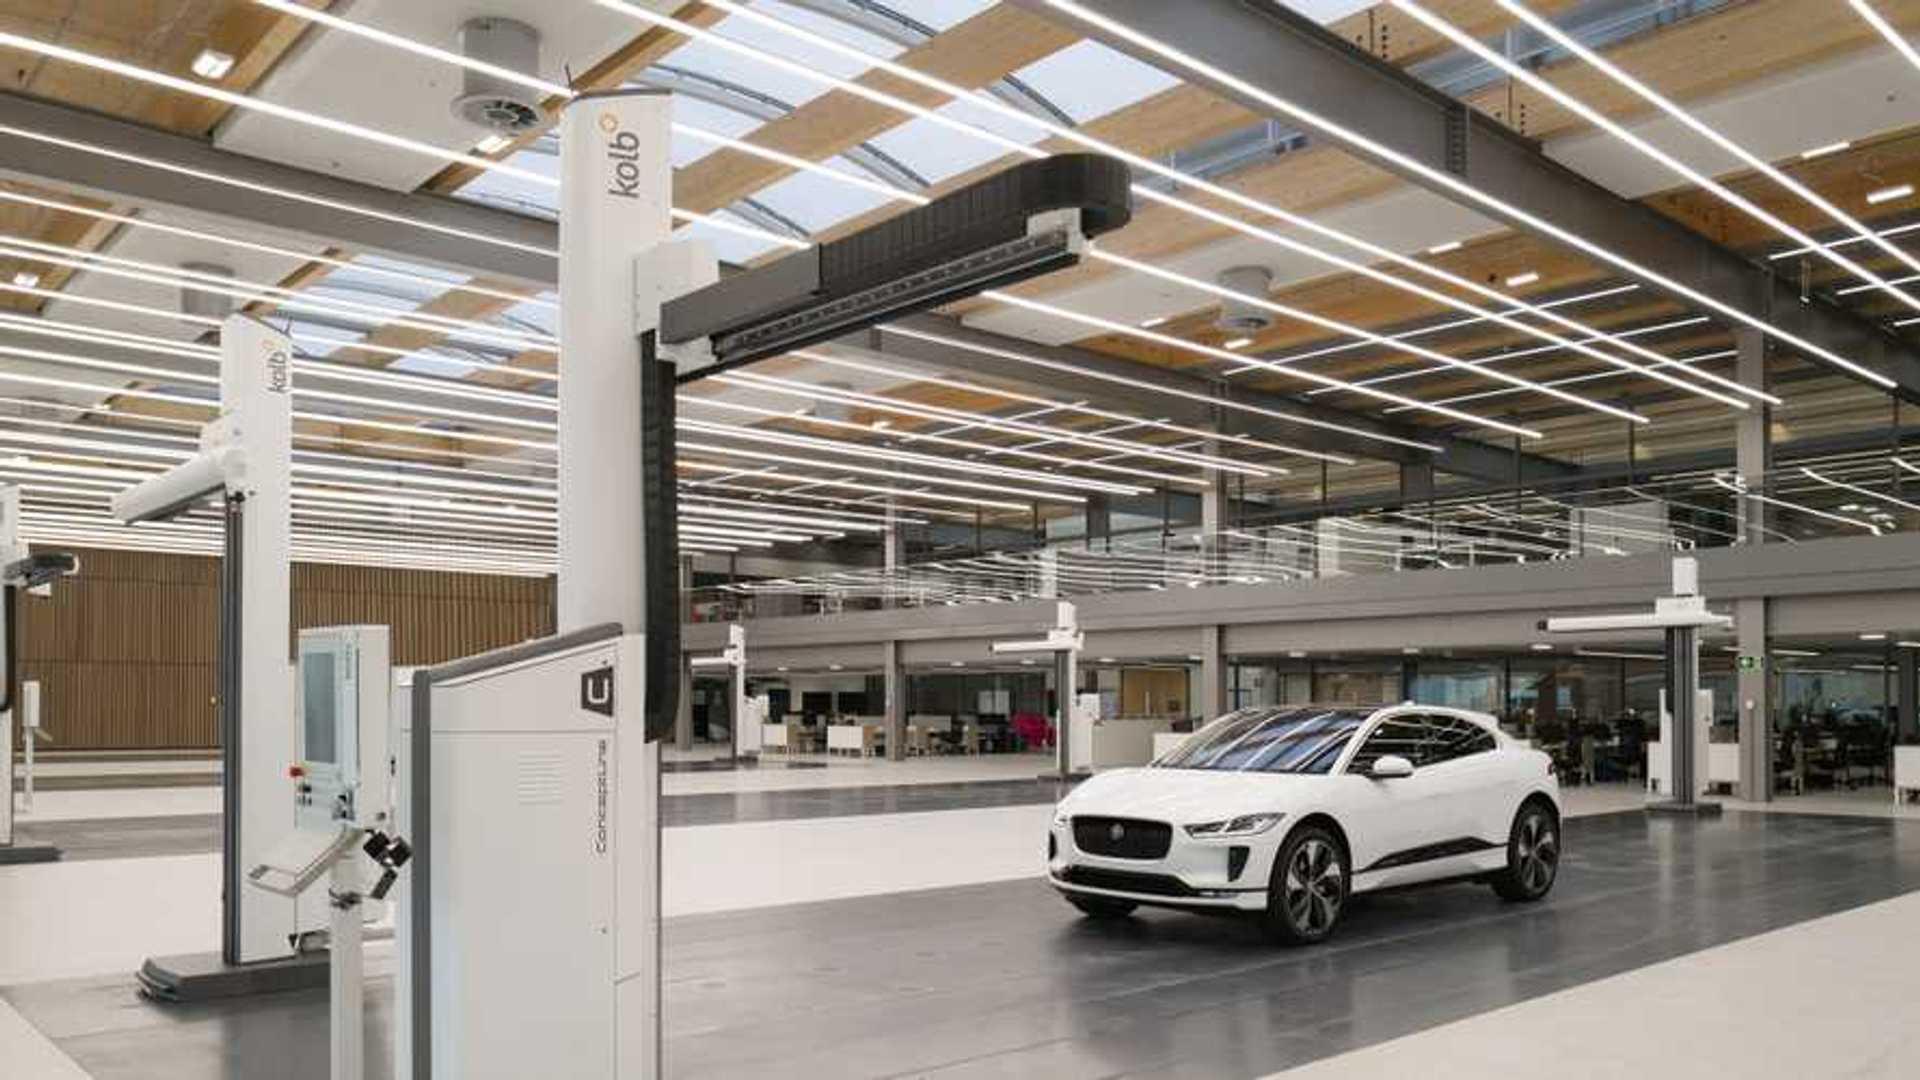 Take a look at Jaguar's new design studio